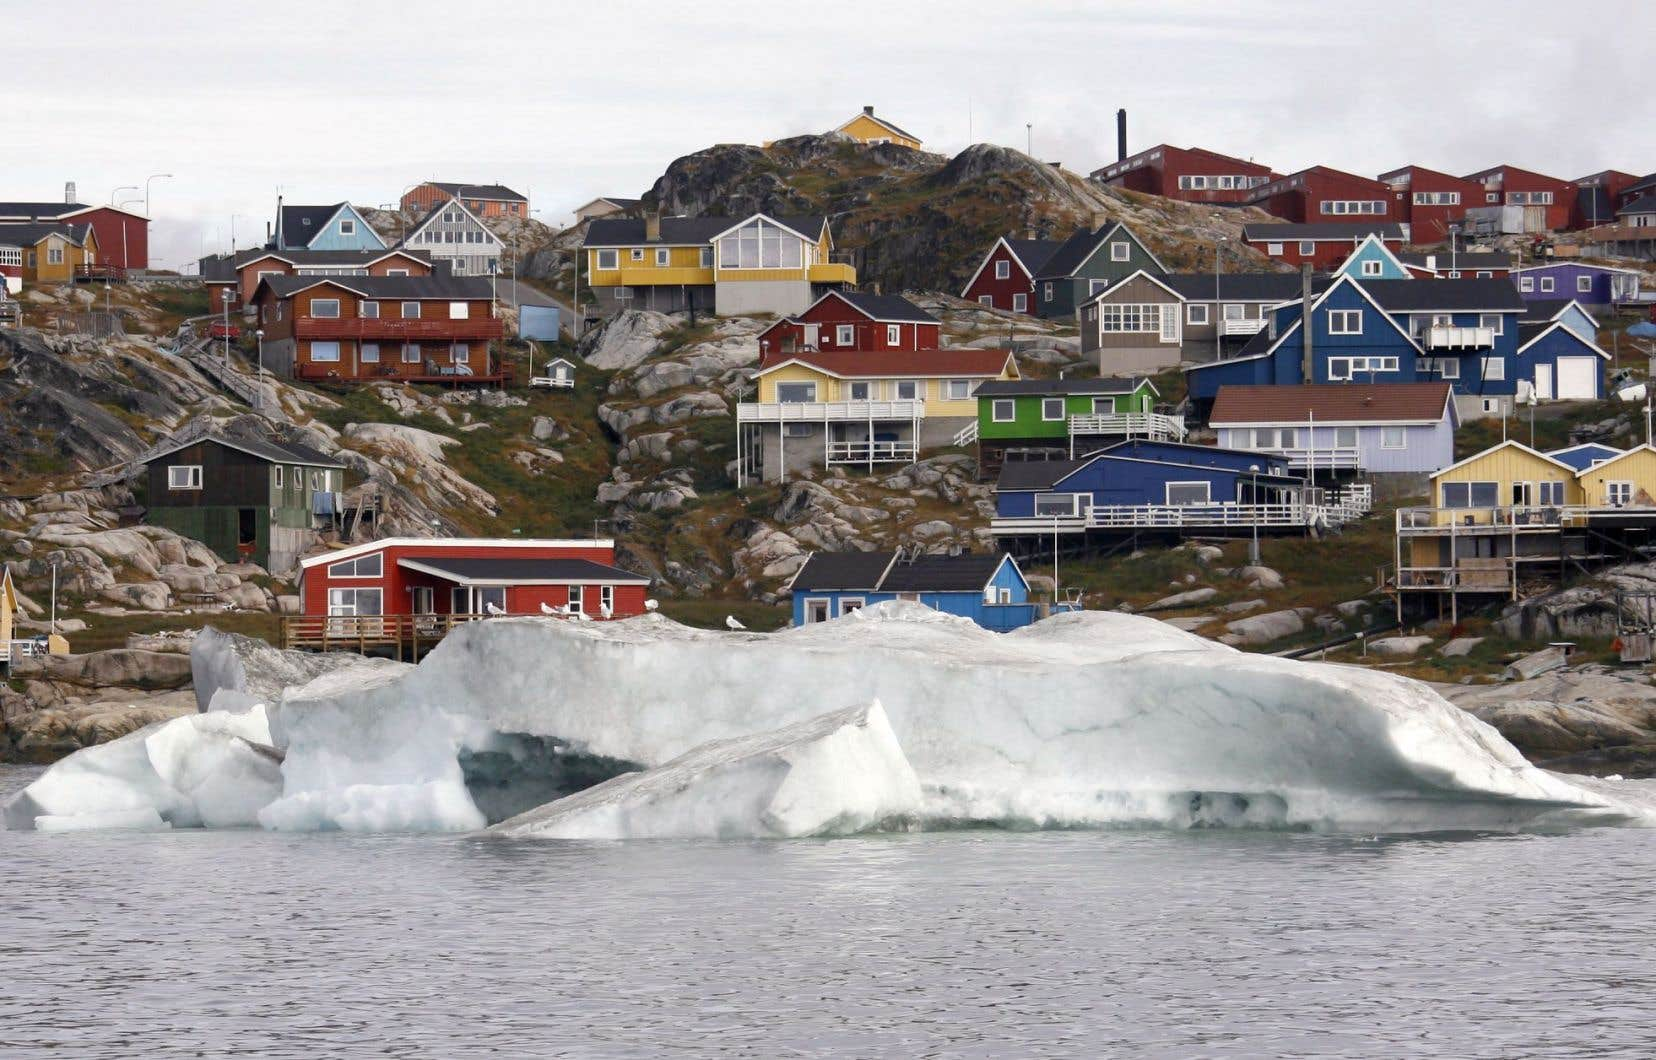 Le Groenland contient assez de glace pour faire augmenter le niveau des océans de sept mètres, si la glace devait disparaître totalement.